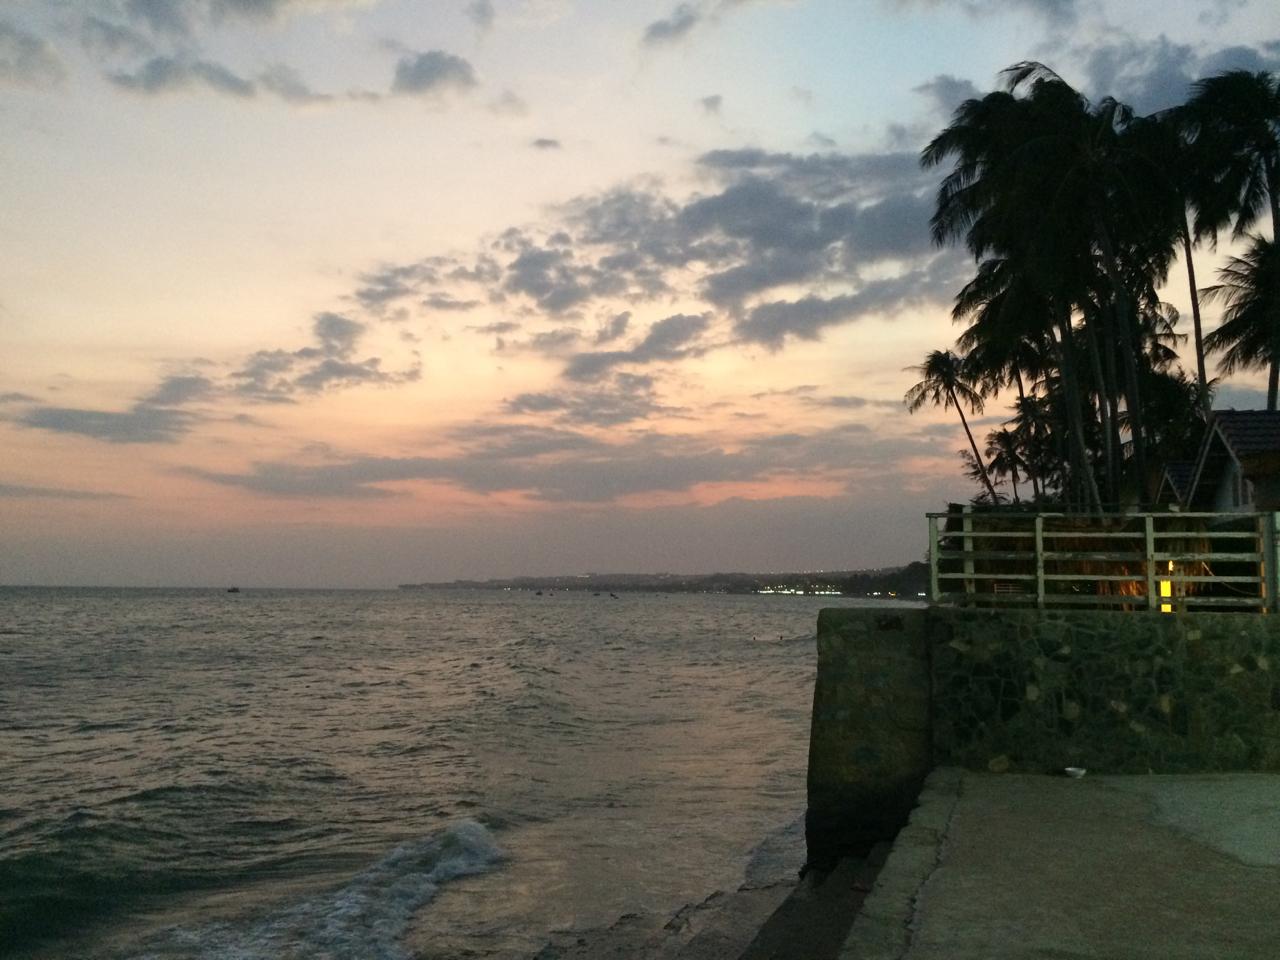 Путешествие по Вьетнаму, Муйне: бетонный берег